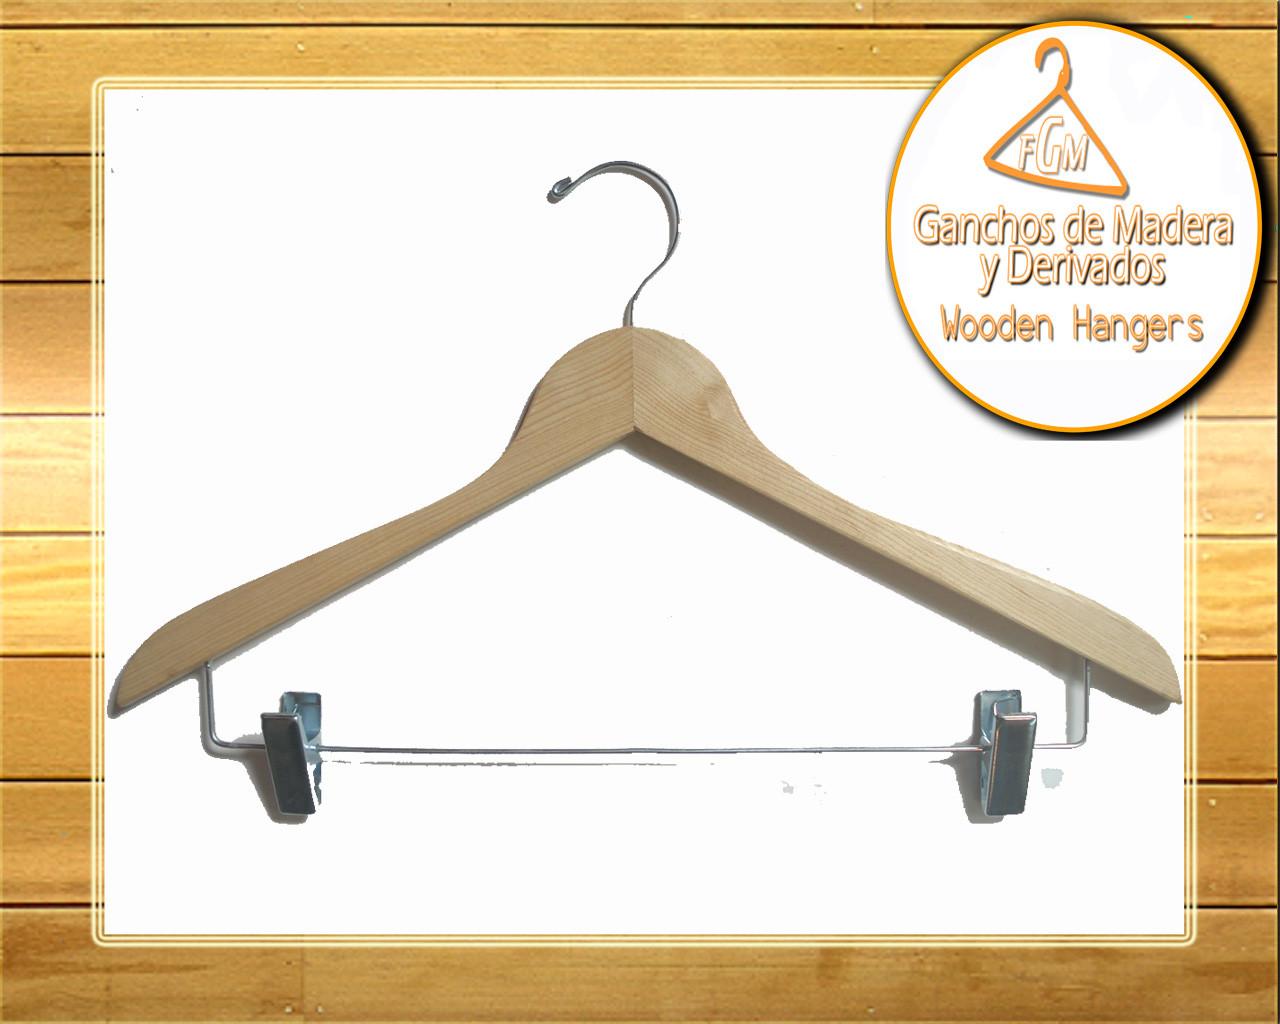 Ganchos de madera para ropa y derivados fabrica de for Ganchos de aluminio para ropa